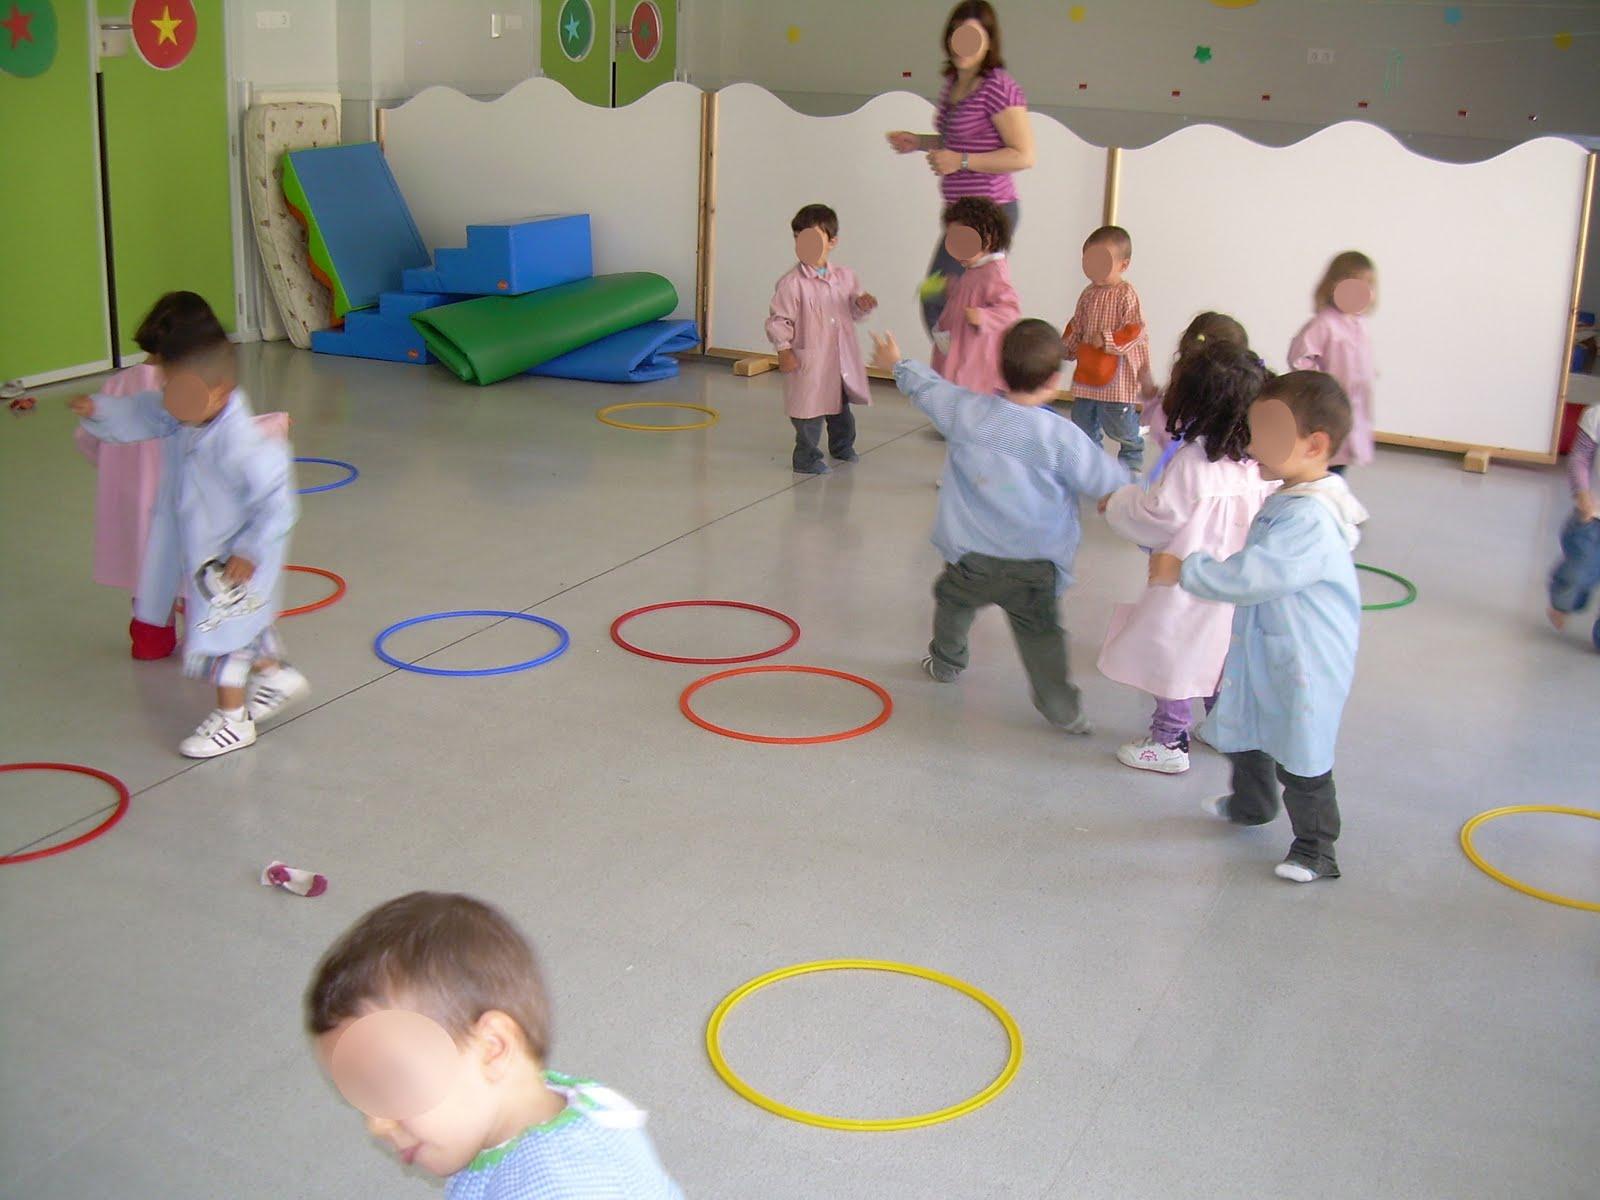 Circuito Juegos Para Niños : Juegos educación física arranca del balón fusileros youtube